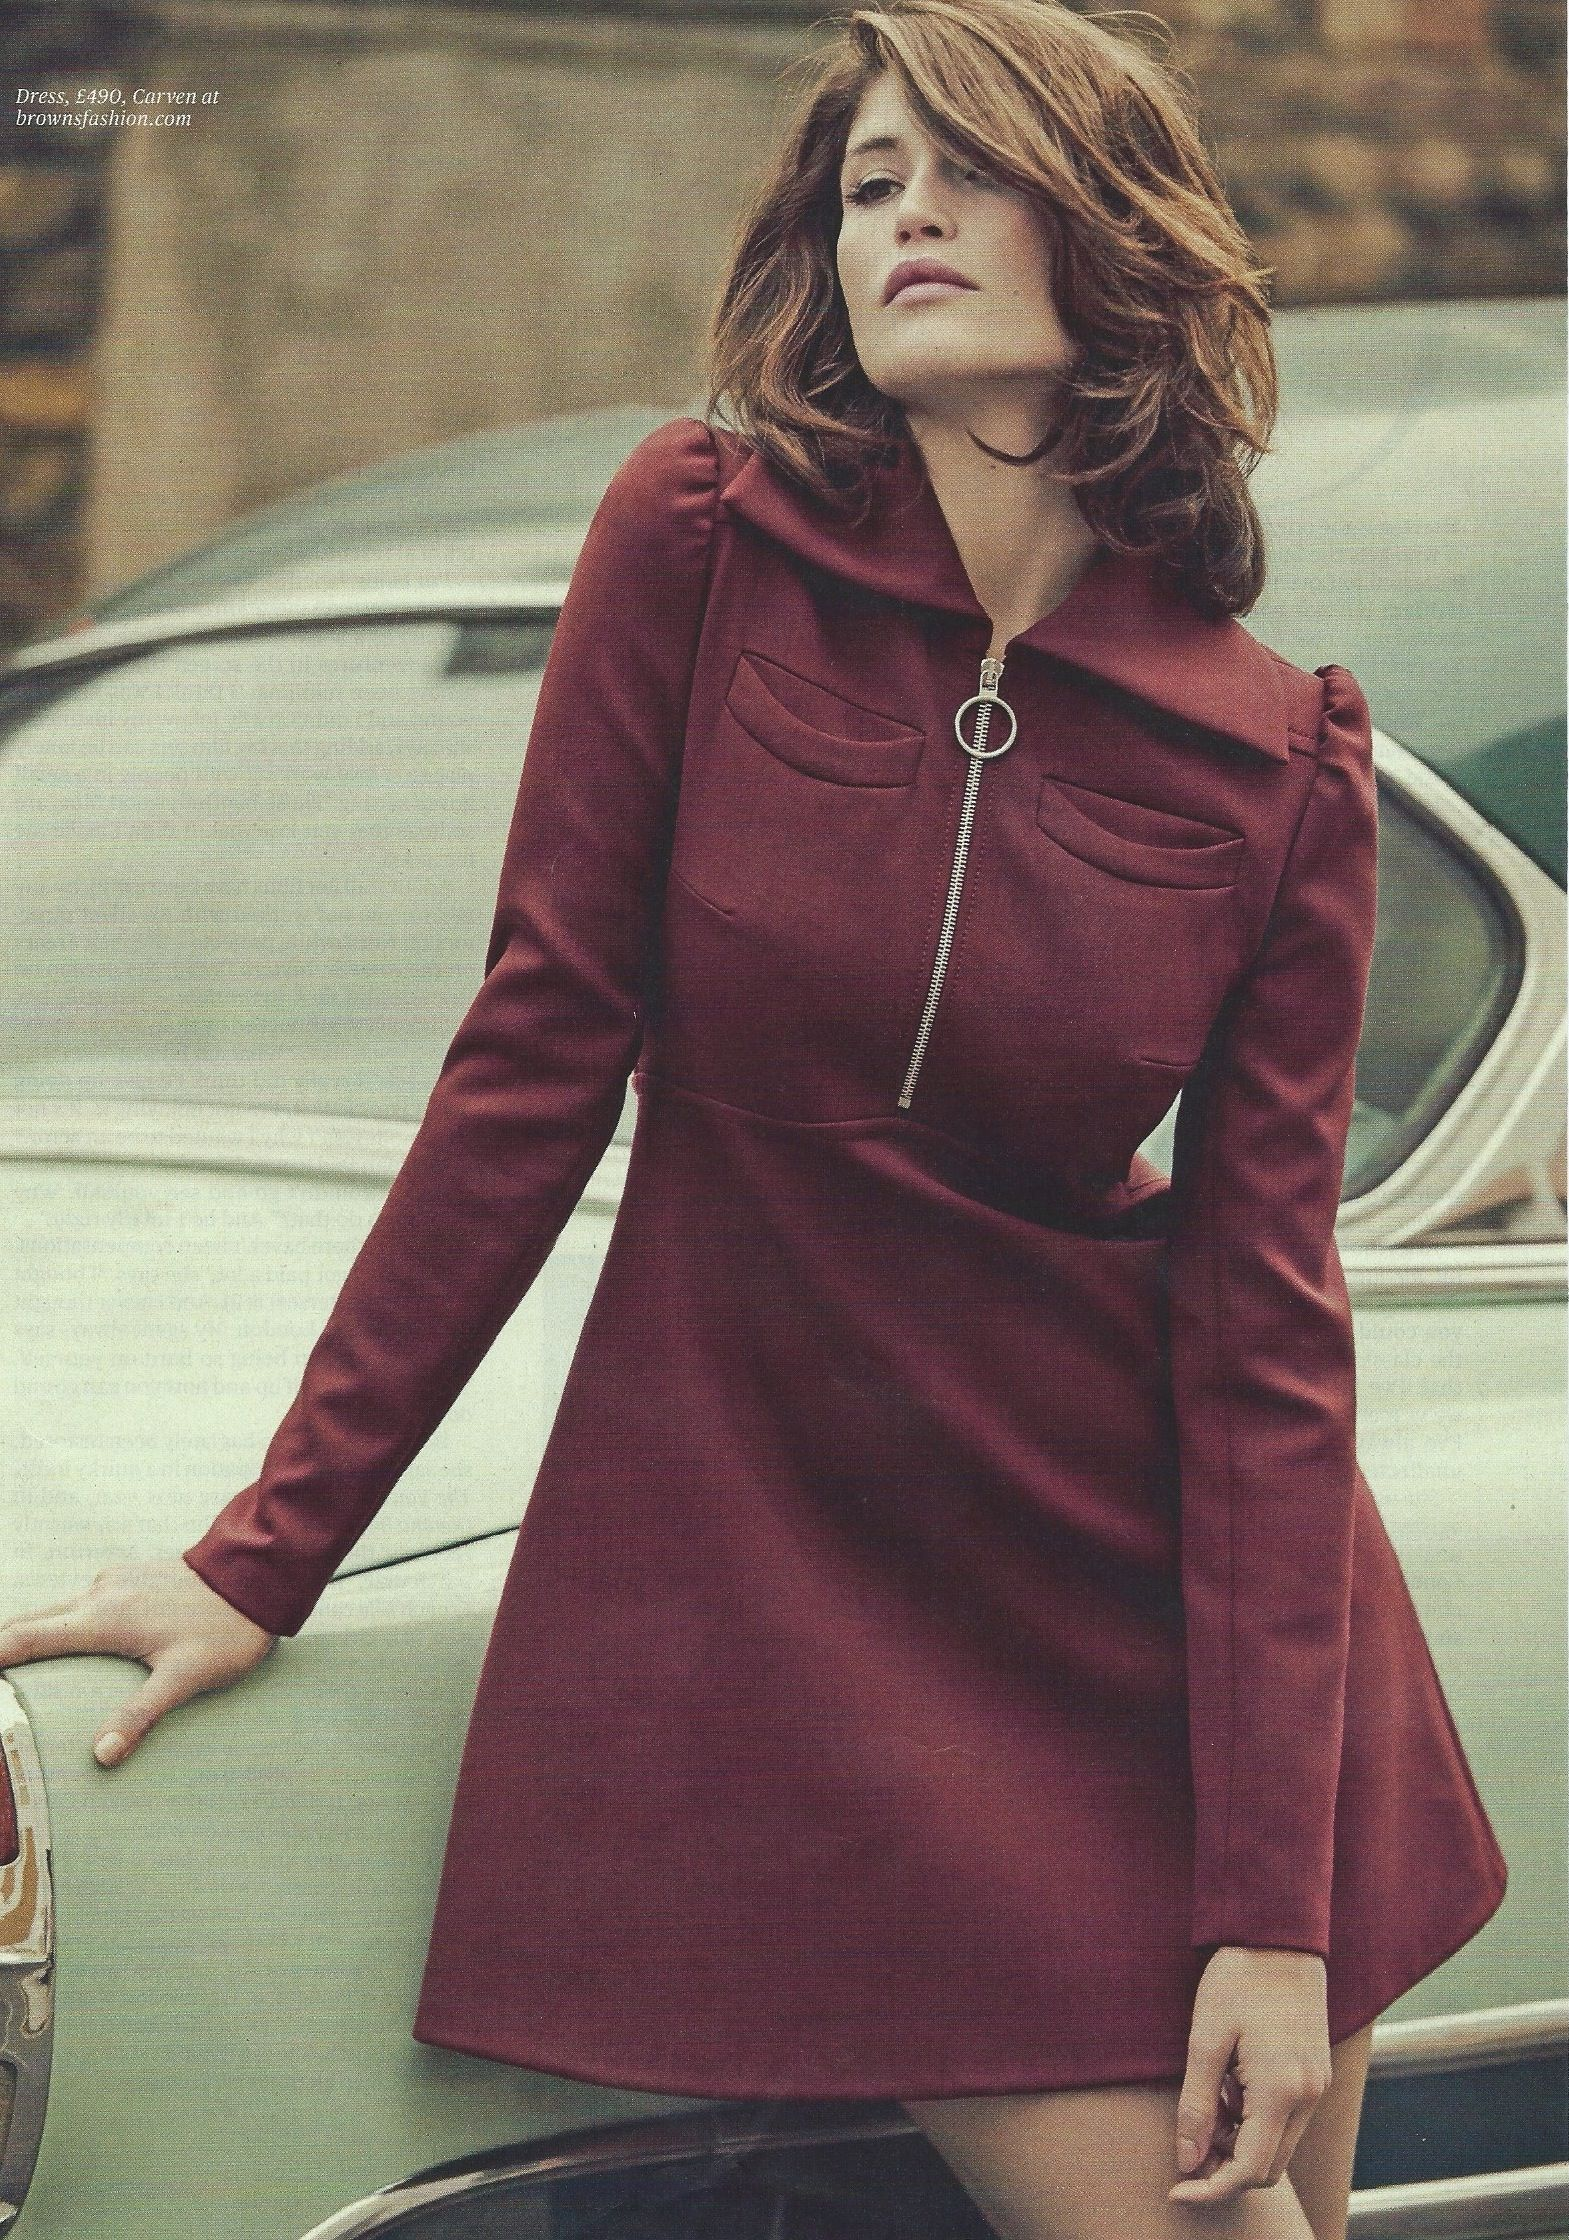 Gemma Arterton for ES magazine, 31/10/14